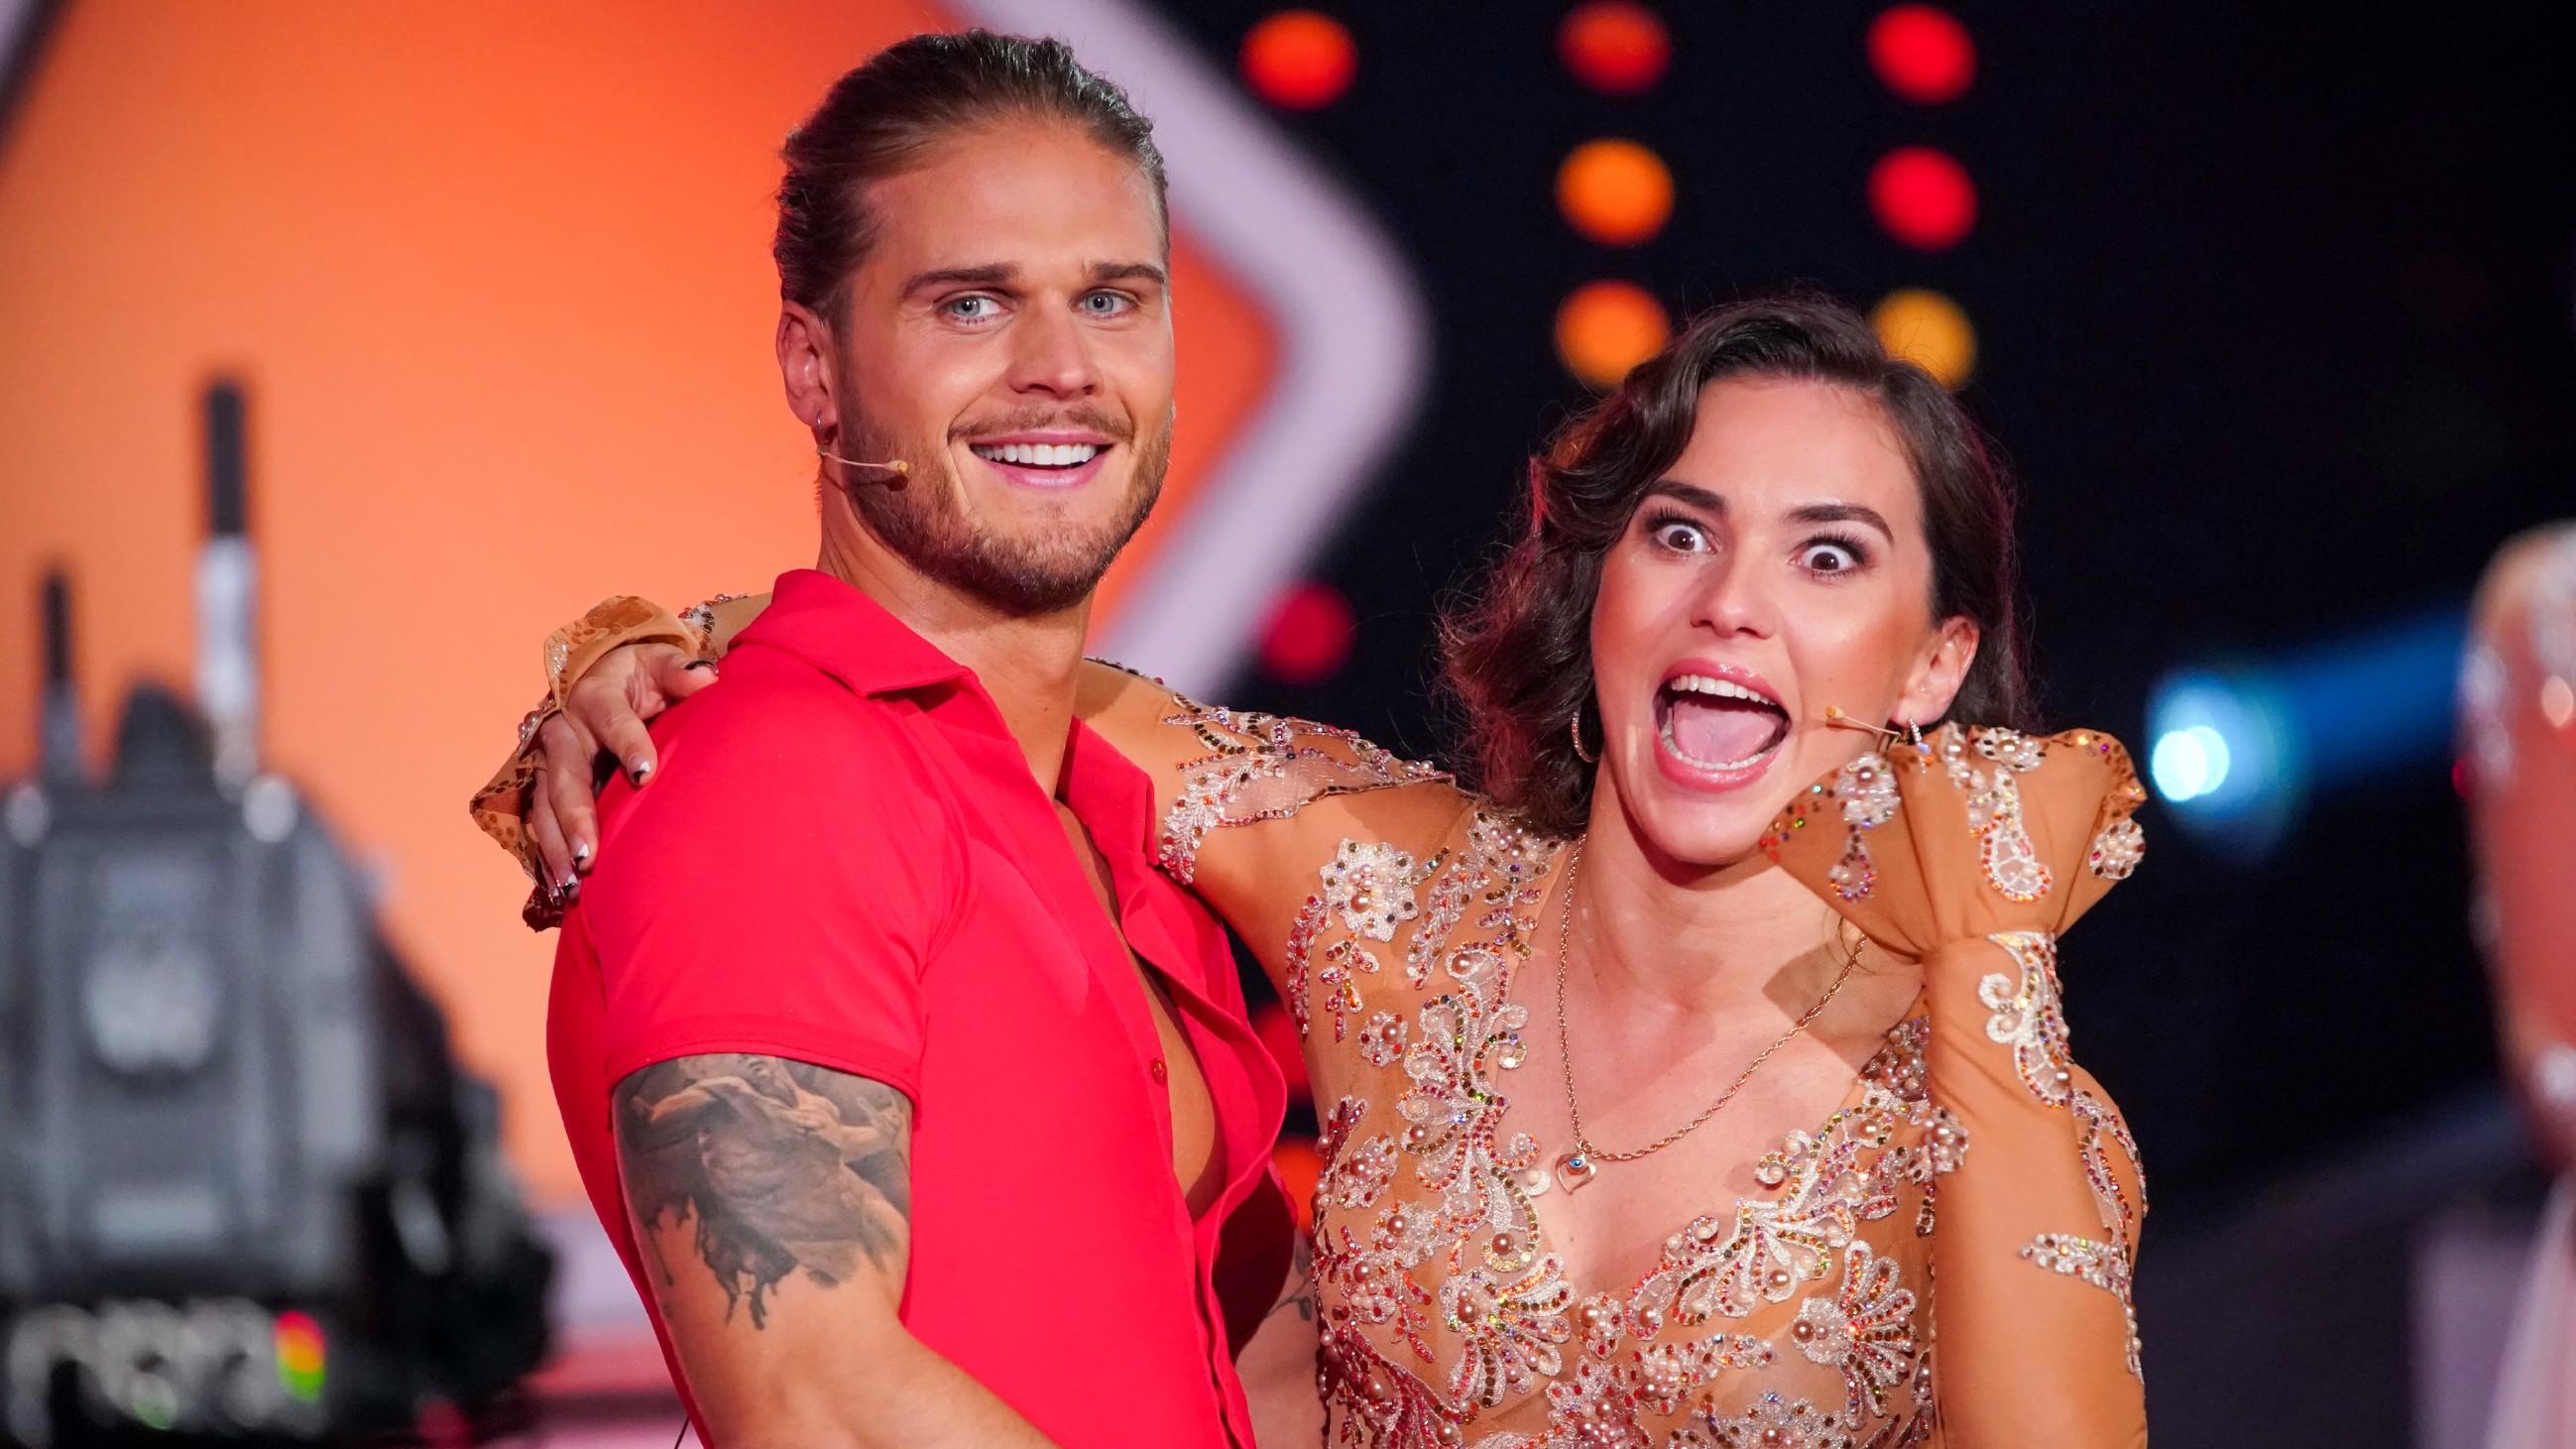 Let's Dance 2021: So bescheiden freut sich Fußballer Rúrik Gíslason über seine Wildcard - RTL Online